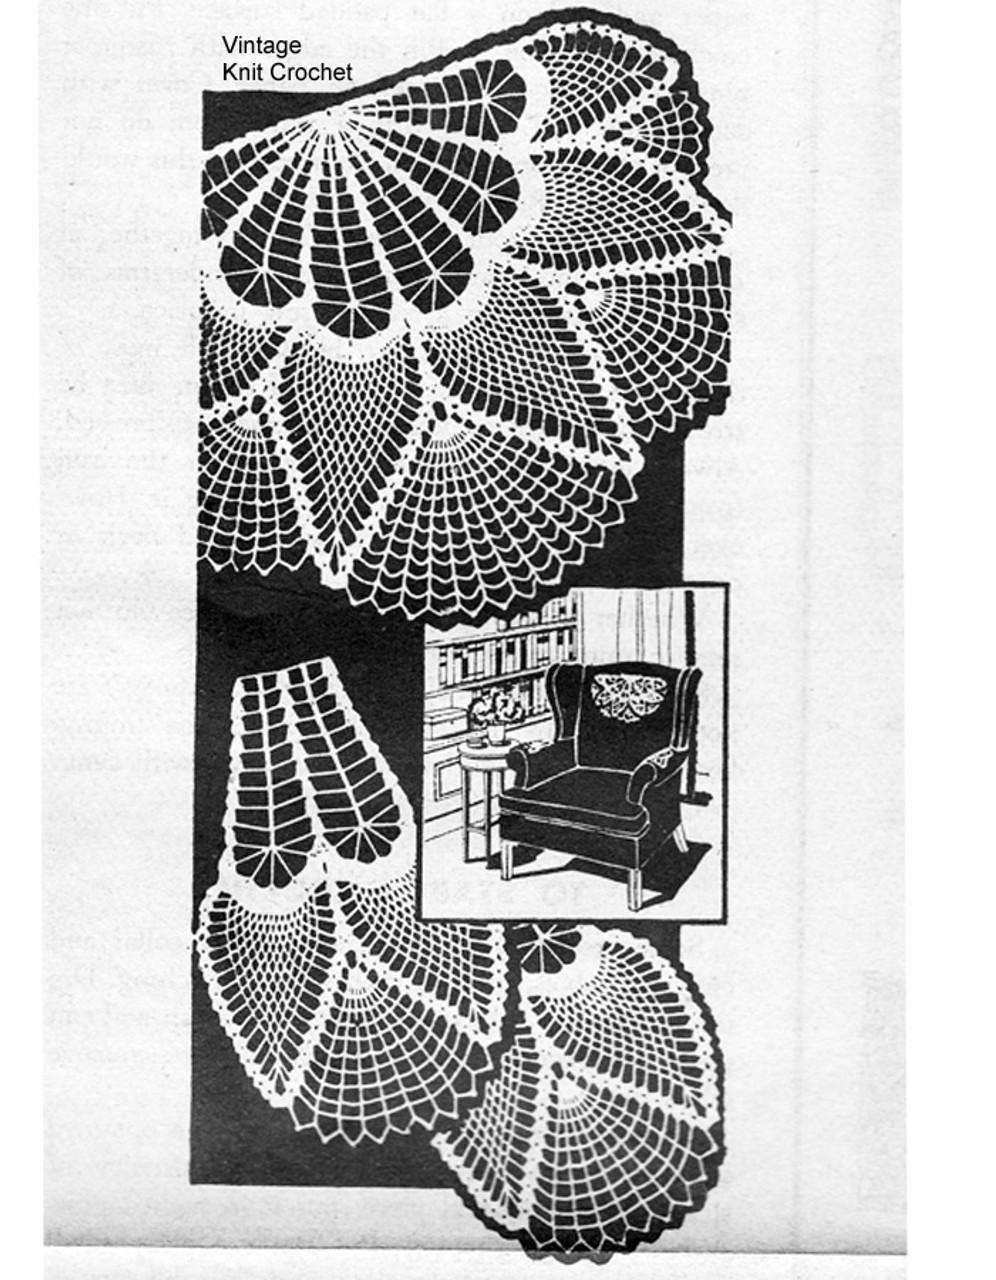 Pineapple Fan Crochet Chair Doily Pattern, Mail Order 7259